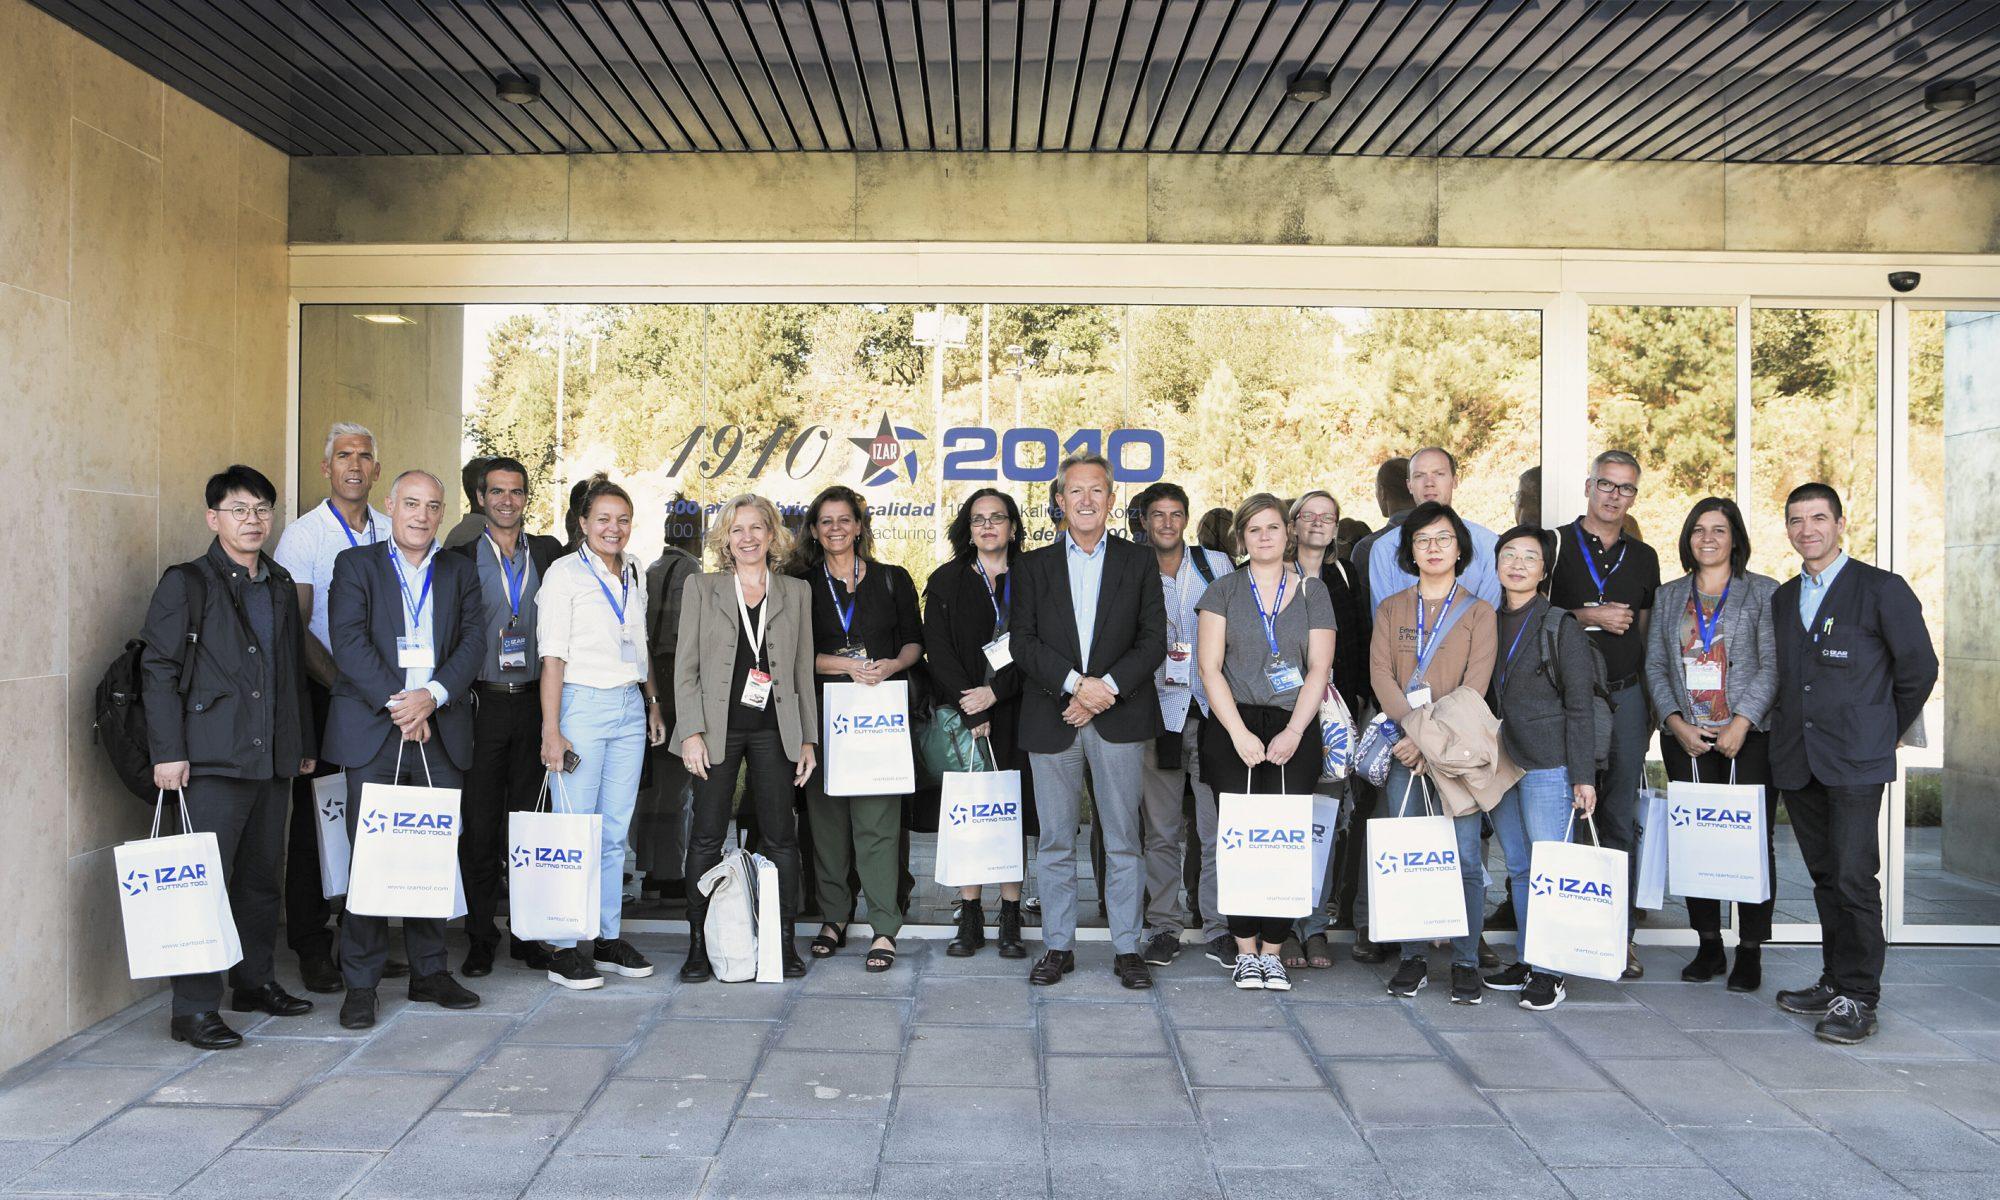 KL katealegaia participa en el IV Foro Global de la Economía Social